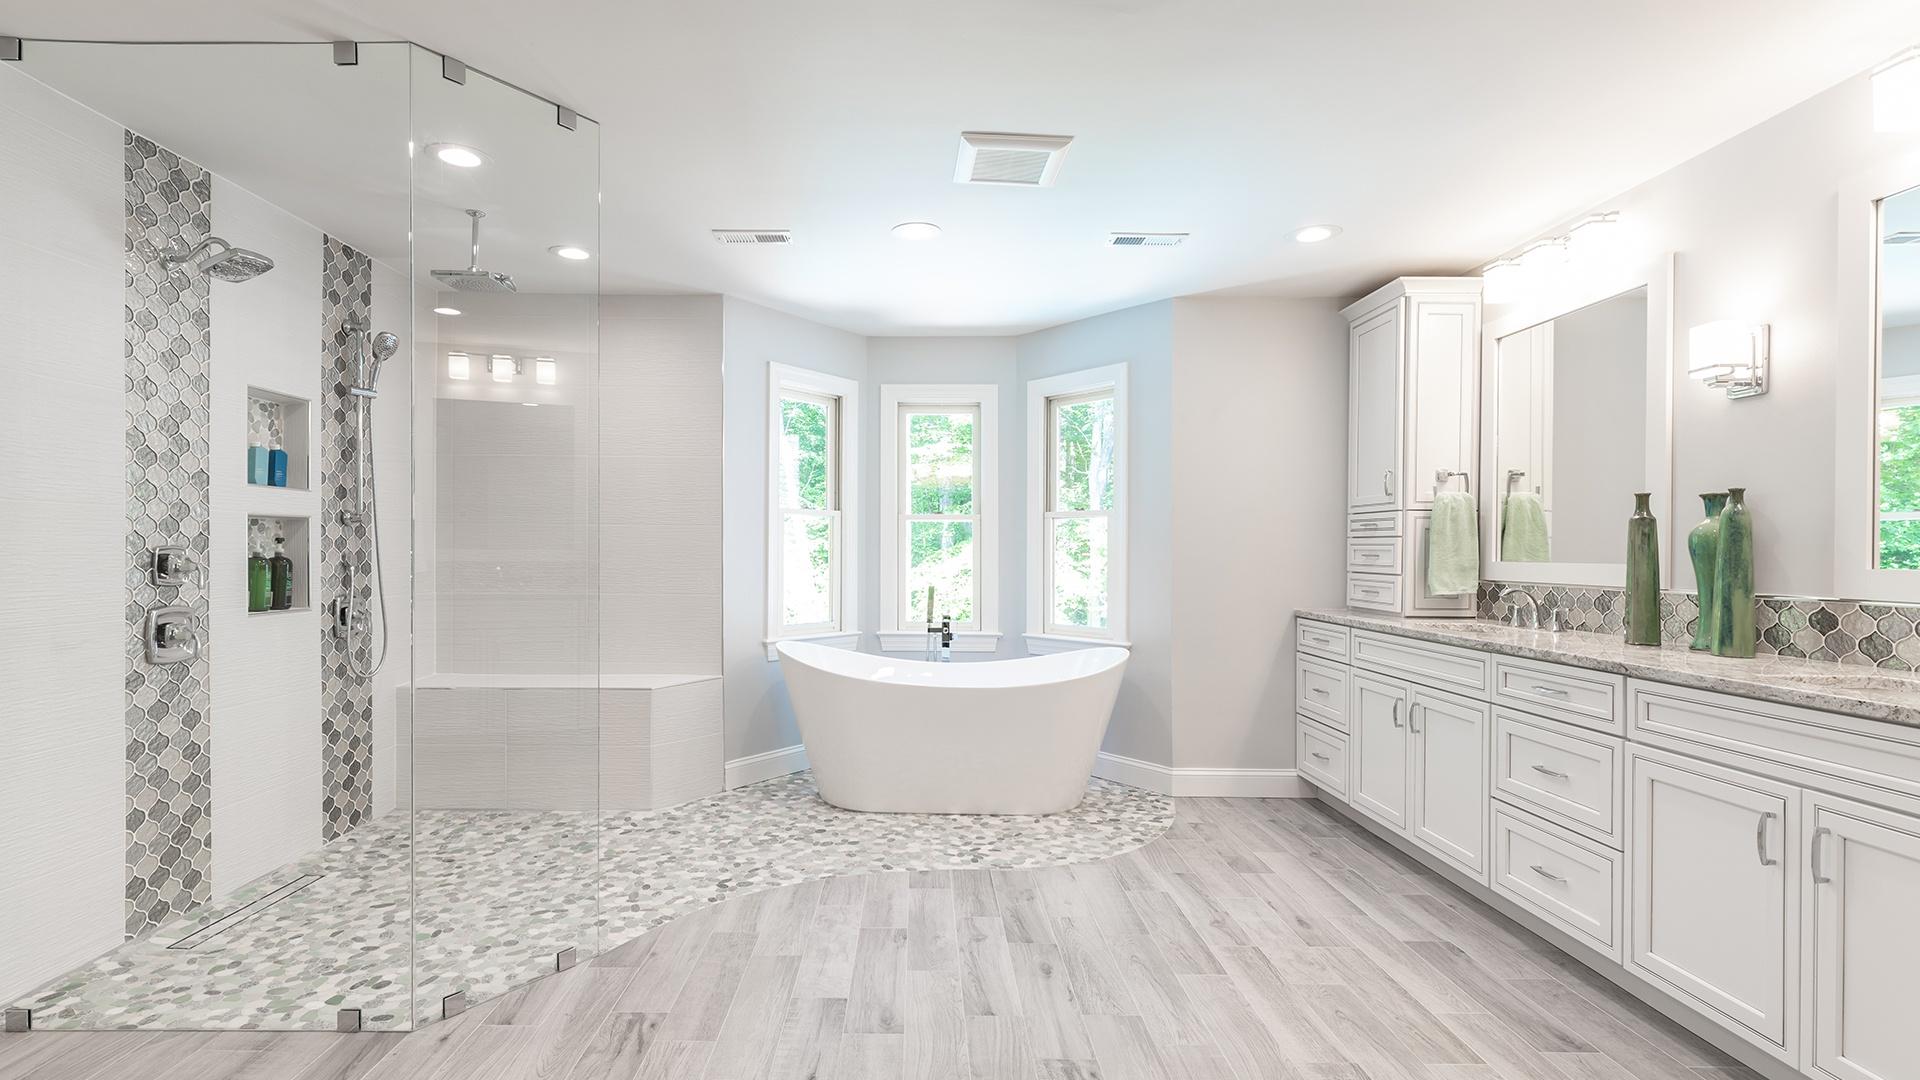 Completing Bathroom Remodel Tasks, Bathroom Remodel Order Of Tasks